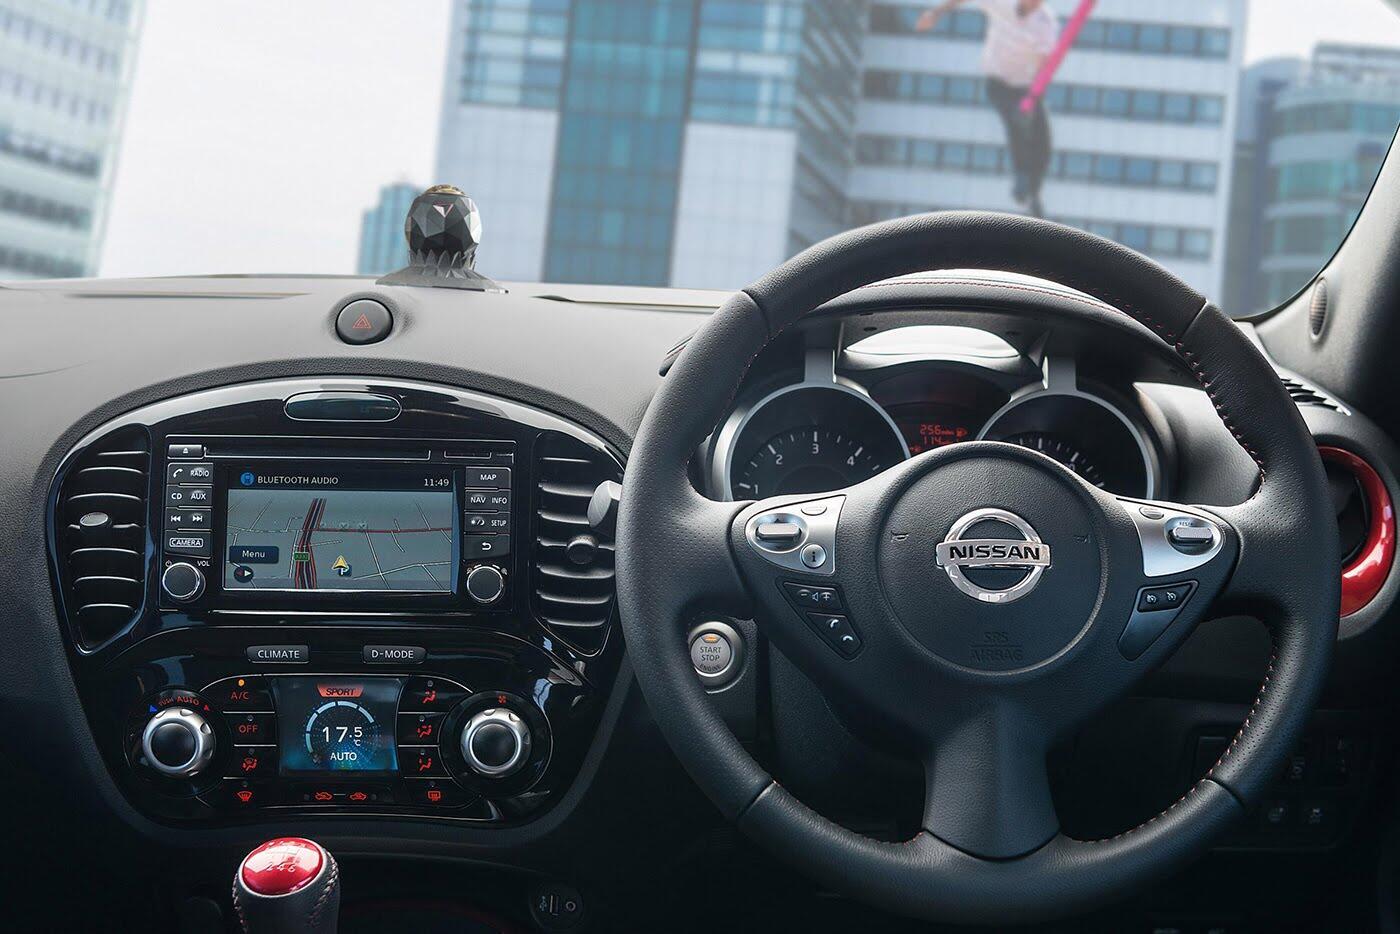 Choáng với camera 360 trên Nissan Juke bản đặc biệt - Hình 5